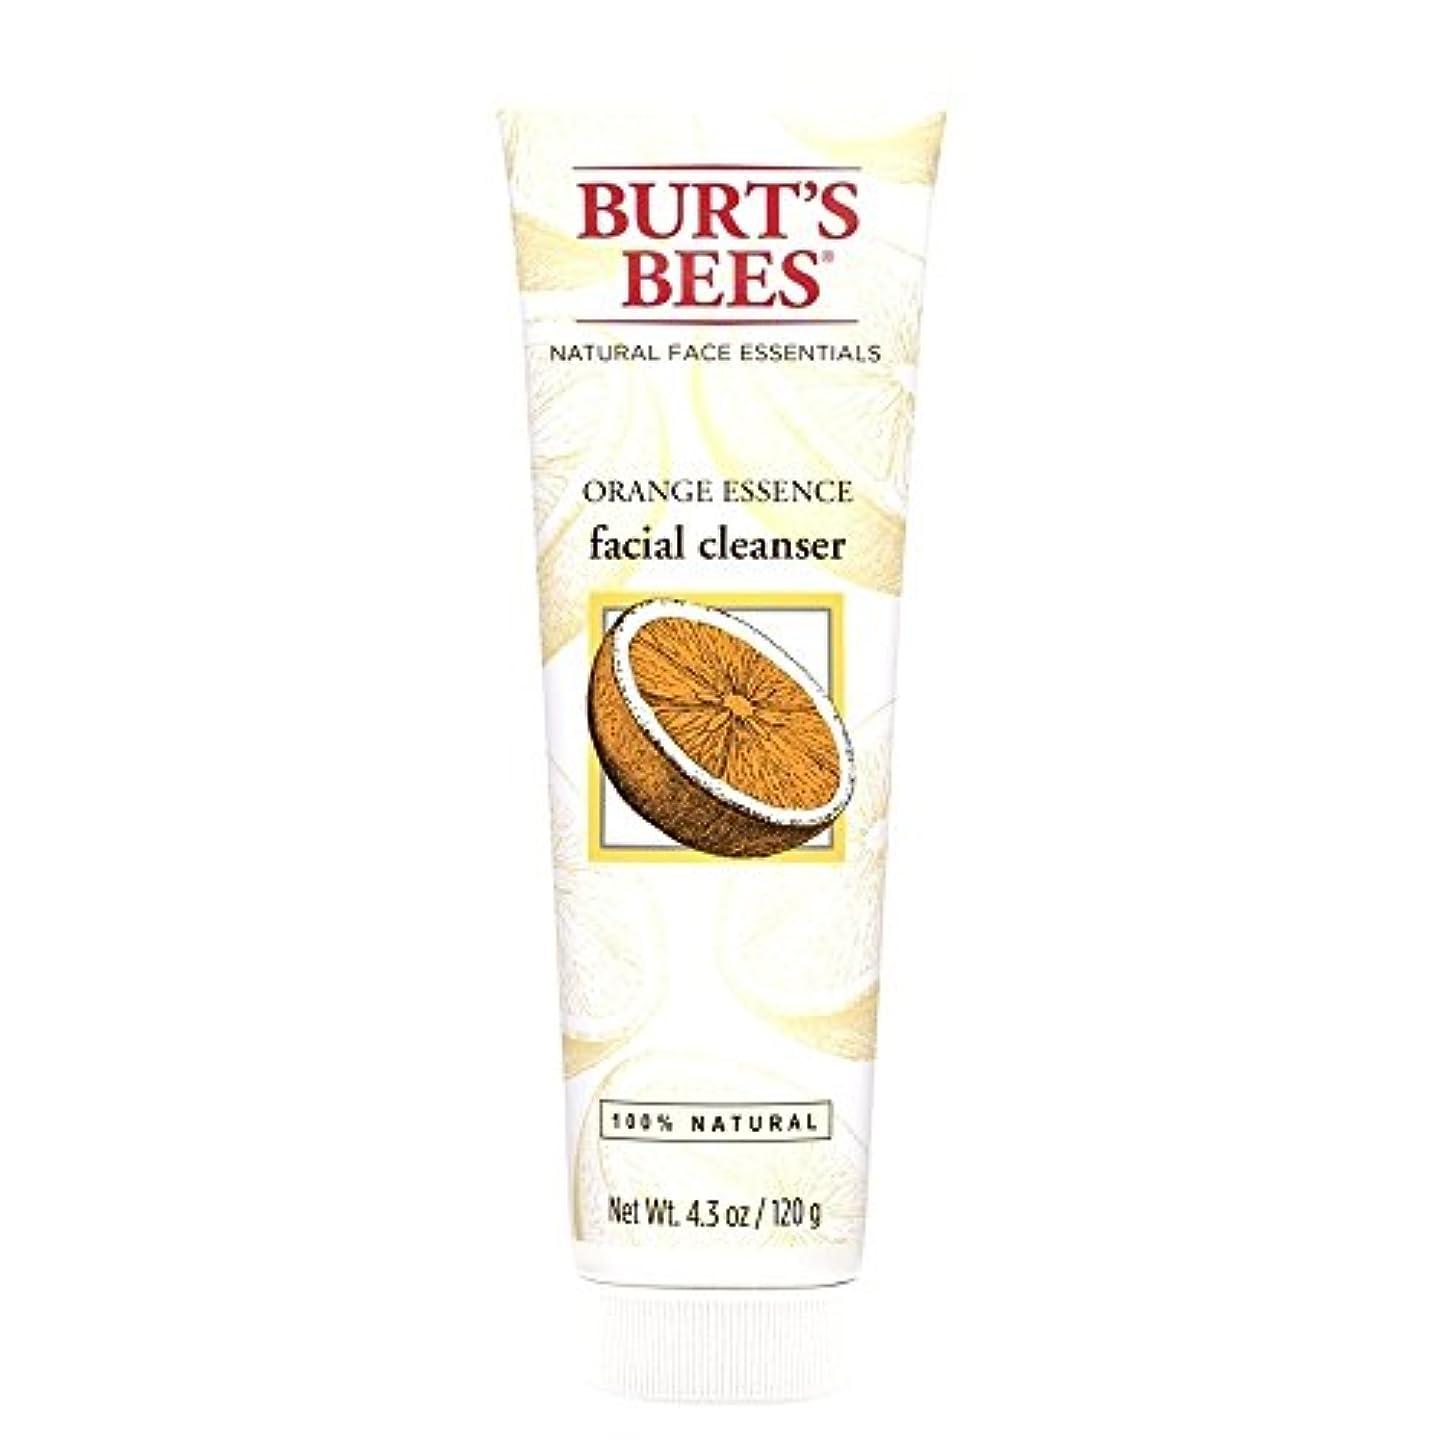 請負業者正しく同盟バーツビーオレンジエッセンス洗顔料、125グラム (Burt's Bees) - Burt's Bees Orange Essence Facial Cleanser, 125g [並行輸入品]